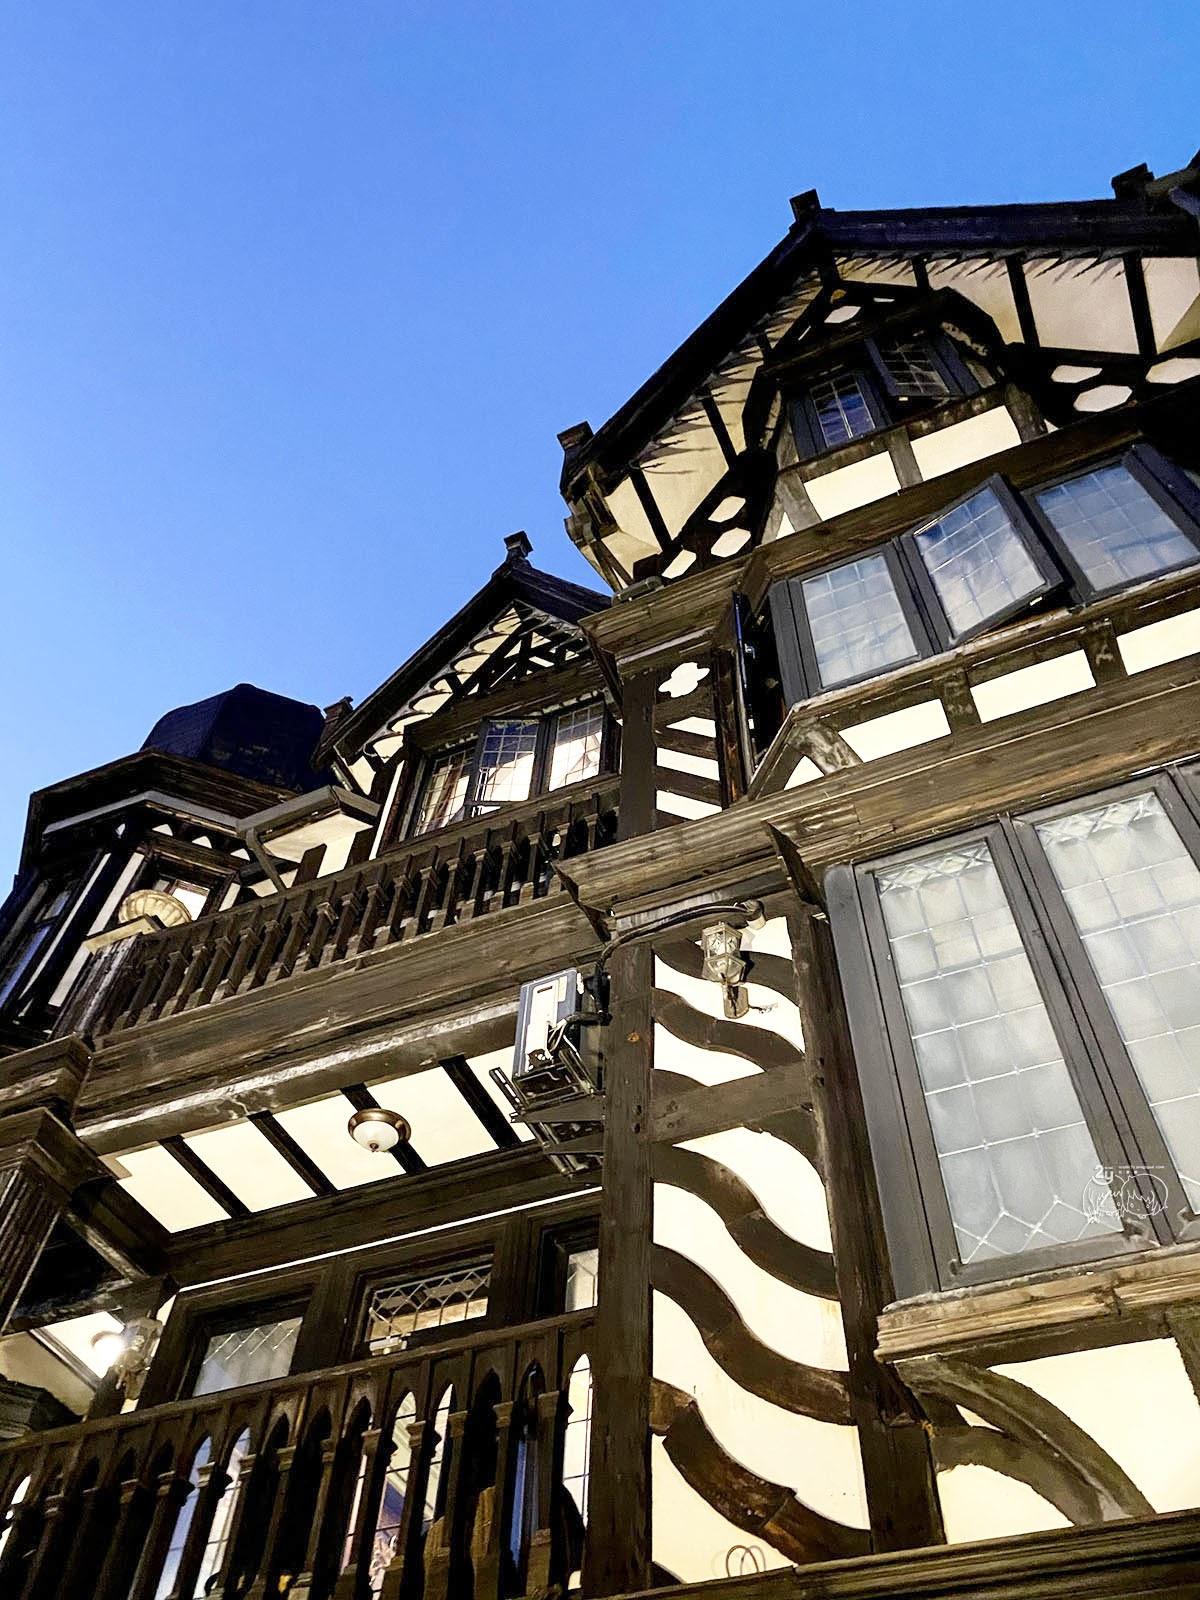 南投|住宿|老英格蘭莊園|古堡風格莊園|僞出國置身歐洲的古典建築|英國貴族般的古堡花園|˙莎士比亞音樂廳 -1